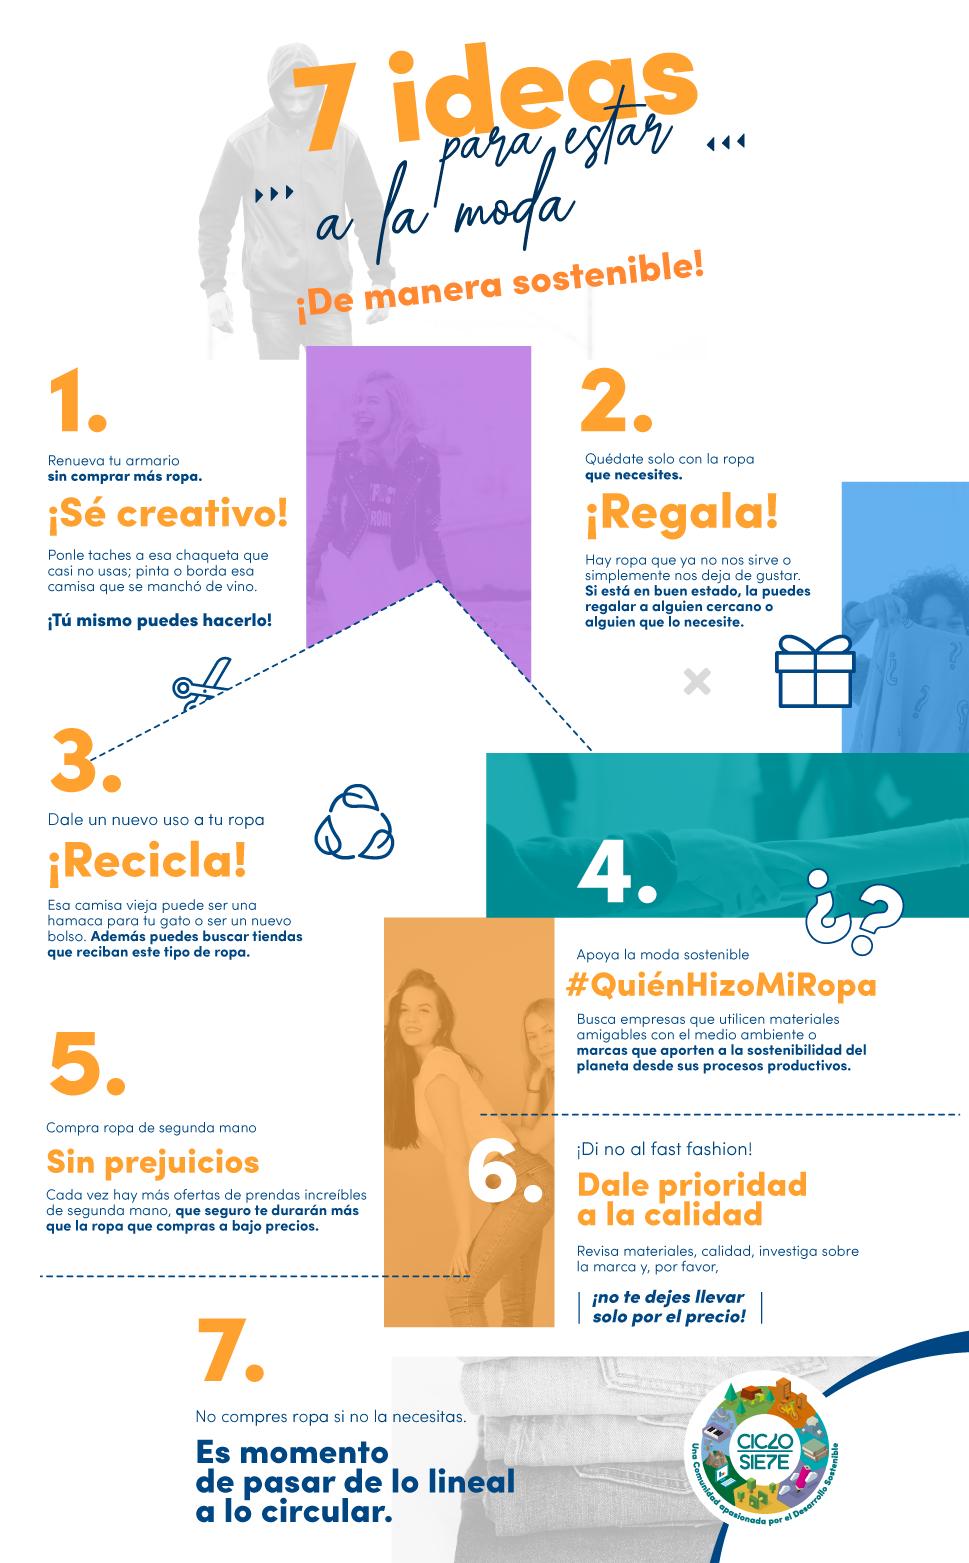 7 ideas moda sostenible - Infografia